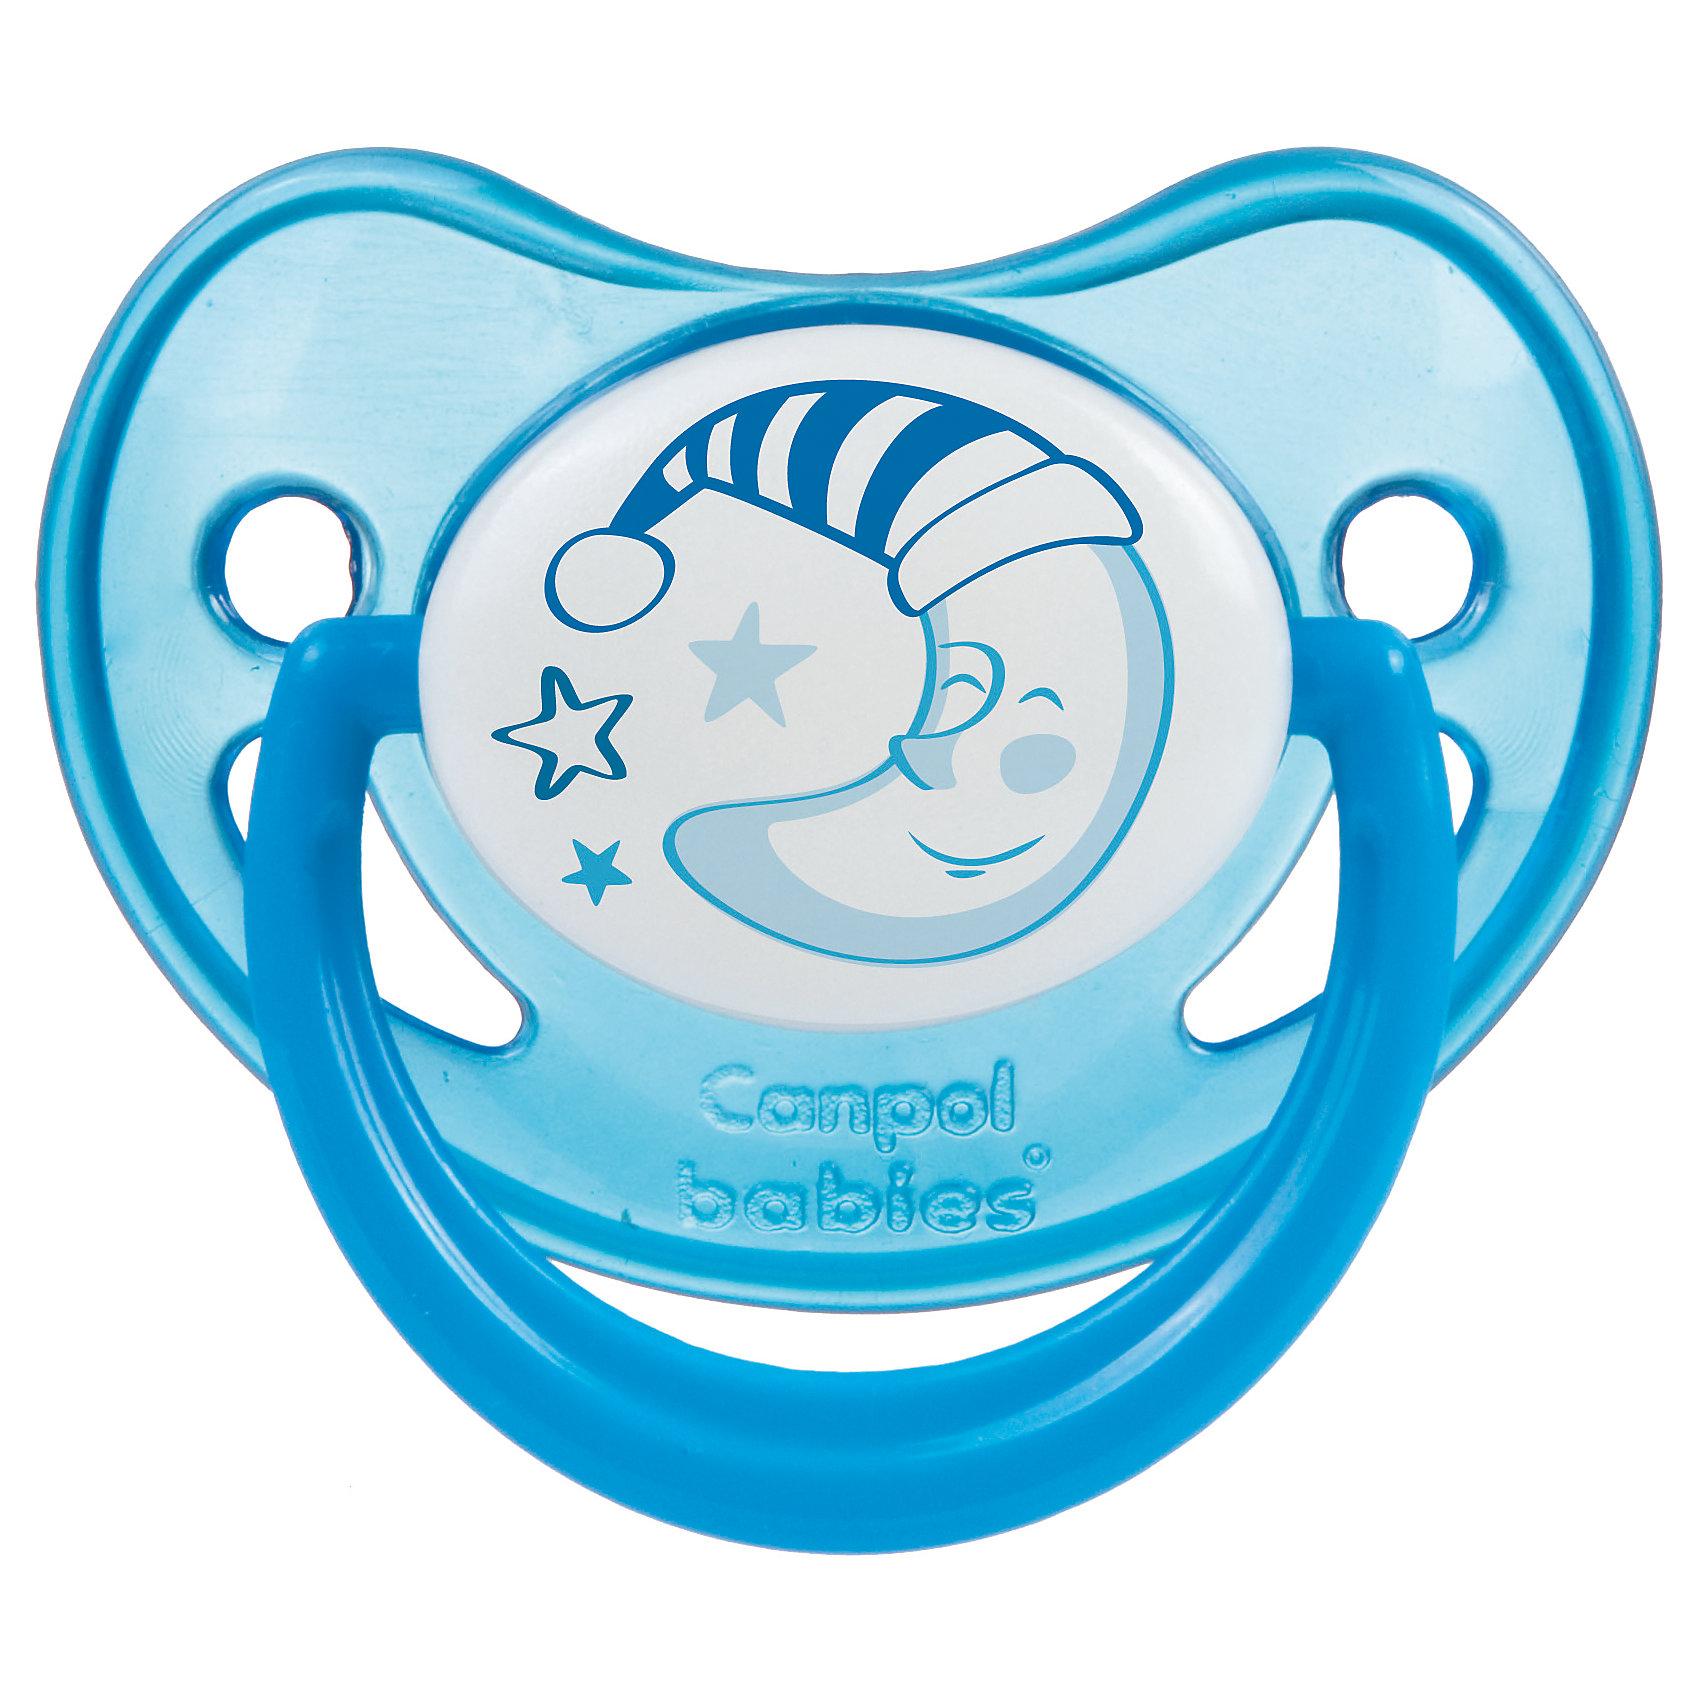 Пустышка анатомическая силиконовая, 0-6 Night Dreams, Canpol Babies, синийХарактеристики:<br><br>• Наименование: пустышка<br>• Пол: для мальчика<br>• Материал: силикон, пластик<br>• Цвет: синий, белый<br>• Форма: анатомическая<br>• Наличие отверстий для вентиляции<br>• Наличие кольца для держателя<br>• Особенности ухода: регулярная стерилизация и своевременная замена<br><br>Пустышка анатомическая силиконовая, 0-6 Night Dreams, Canpol Babies, синий имеет специальную форму, которая обеспечивает правильное давление на небо. Изготовлена из запатентованного вида силикона, который не имеет запаха. При правильном уходе обеспечивает длительное использование. У соски имеется классический ограничитель с отверстиями для вентиляции и кольцо для держателя, которое светится в темноте. Пустышка анатомическая силиконовая, 0-6 Night Dreams, Canpol Babies, синий выполнена в ярком дизайне с изображением звезд и месяца.<br><br>Пустышку анатомическую силиконовую, 0-6 Night Dreams, Canpol Babies, синюю можно купить в нашем интернет-магазине.<br><br>Ширина мм: 95<br>Глубина мм: 45<br>Высота мм: 155<br>Вес г: 110<br>Возраст от месяцев: 0<br>Возраст до месяцев: 6<br>Пол: Мужской<br>Возраст: Детский<br>SKU: 5156607